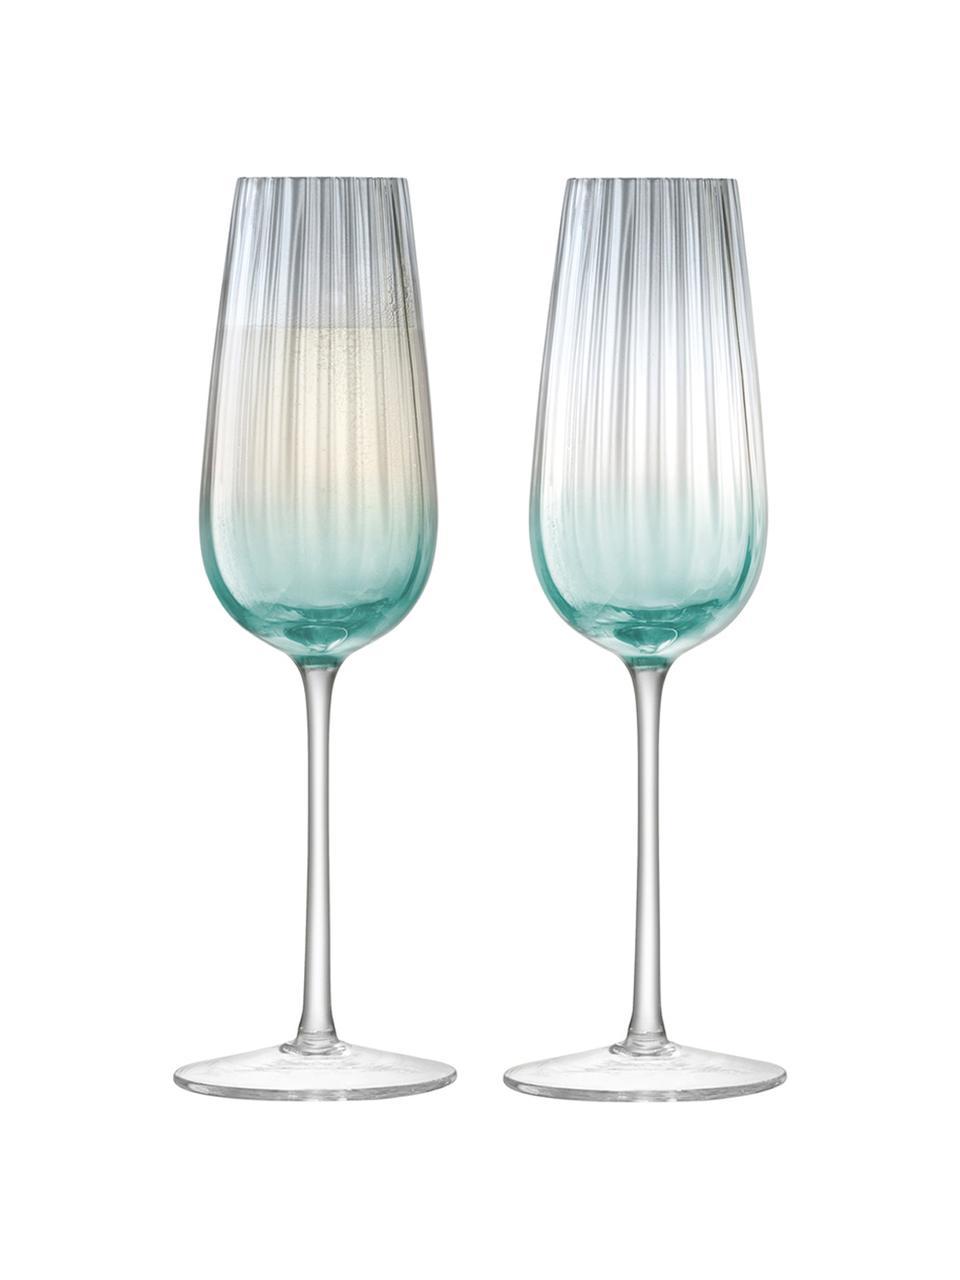 Handgemaakte champagneglazen Dusk met kleurverloop, 2 stuks, Glas, Groen, grijs, Ø 6 x H 23 cm